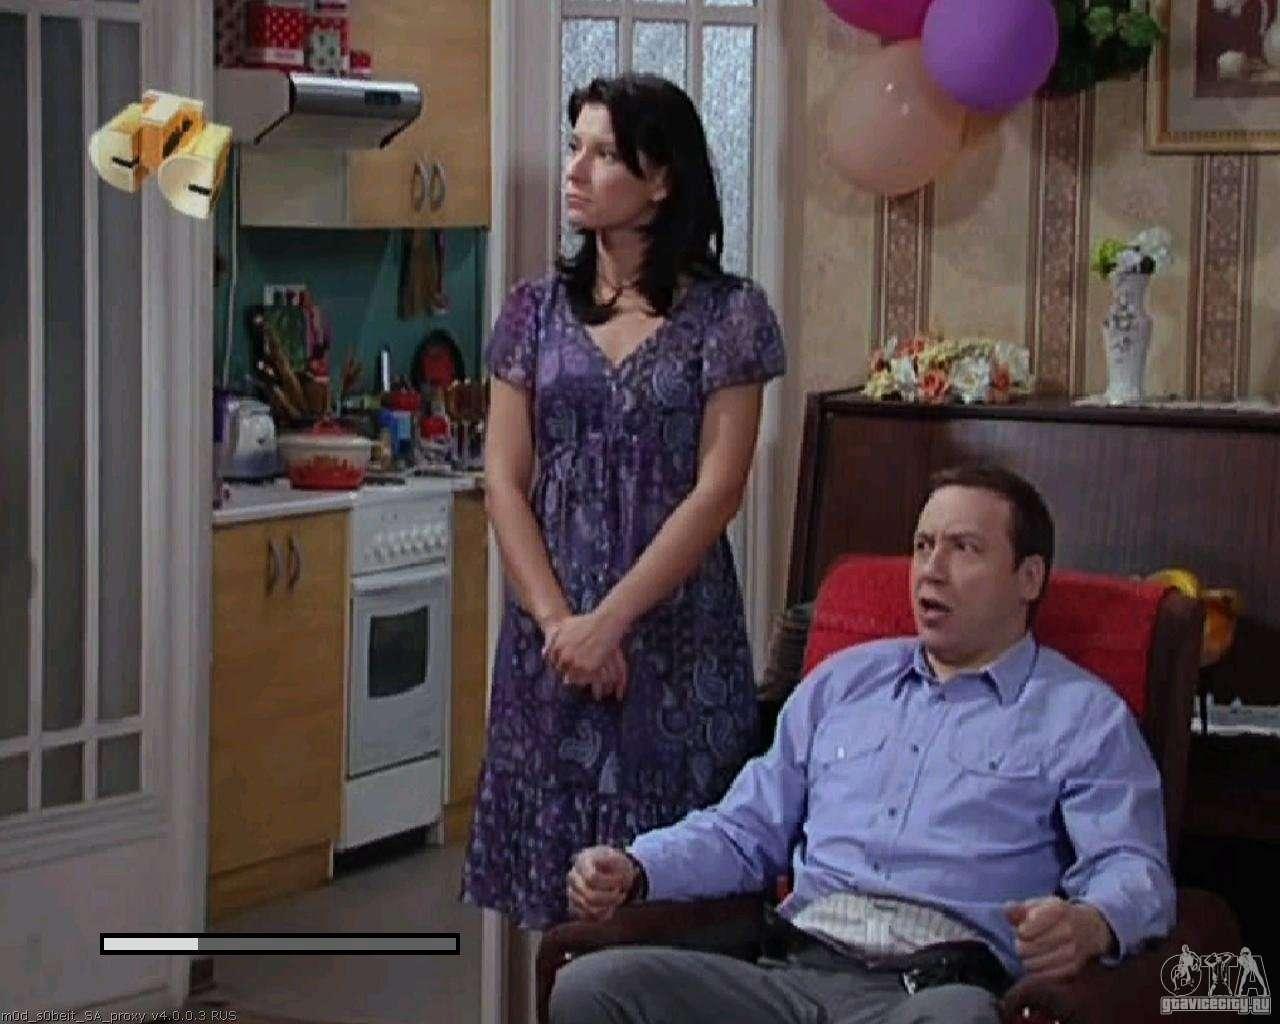 Свадебное фото веры и кости из сериала воронины 5